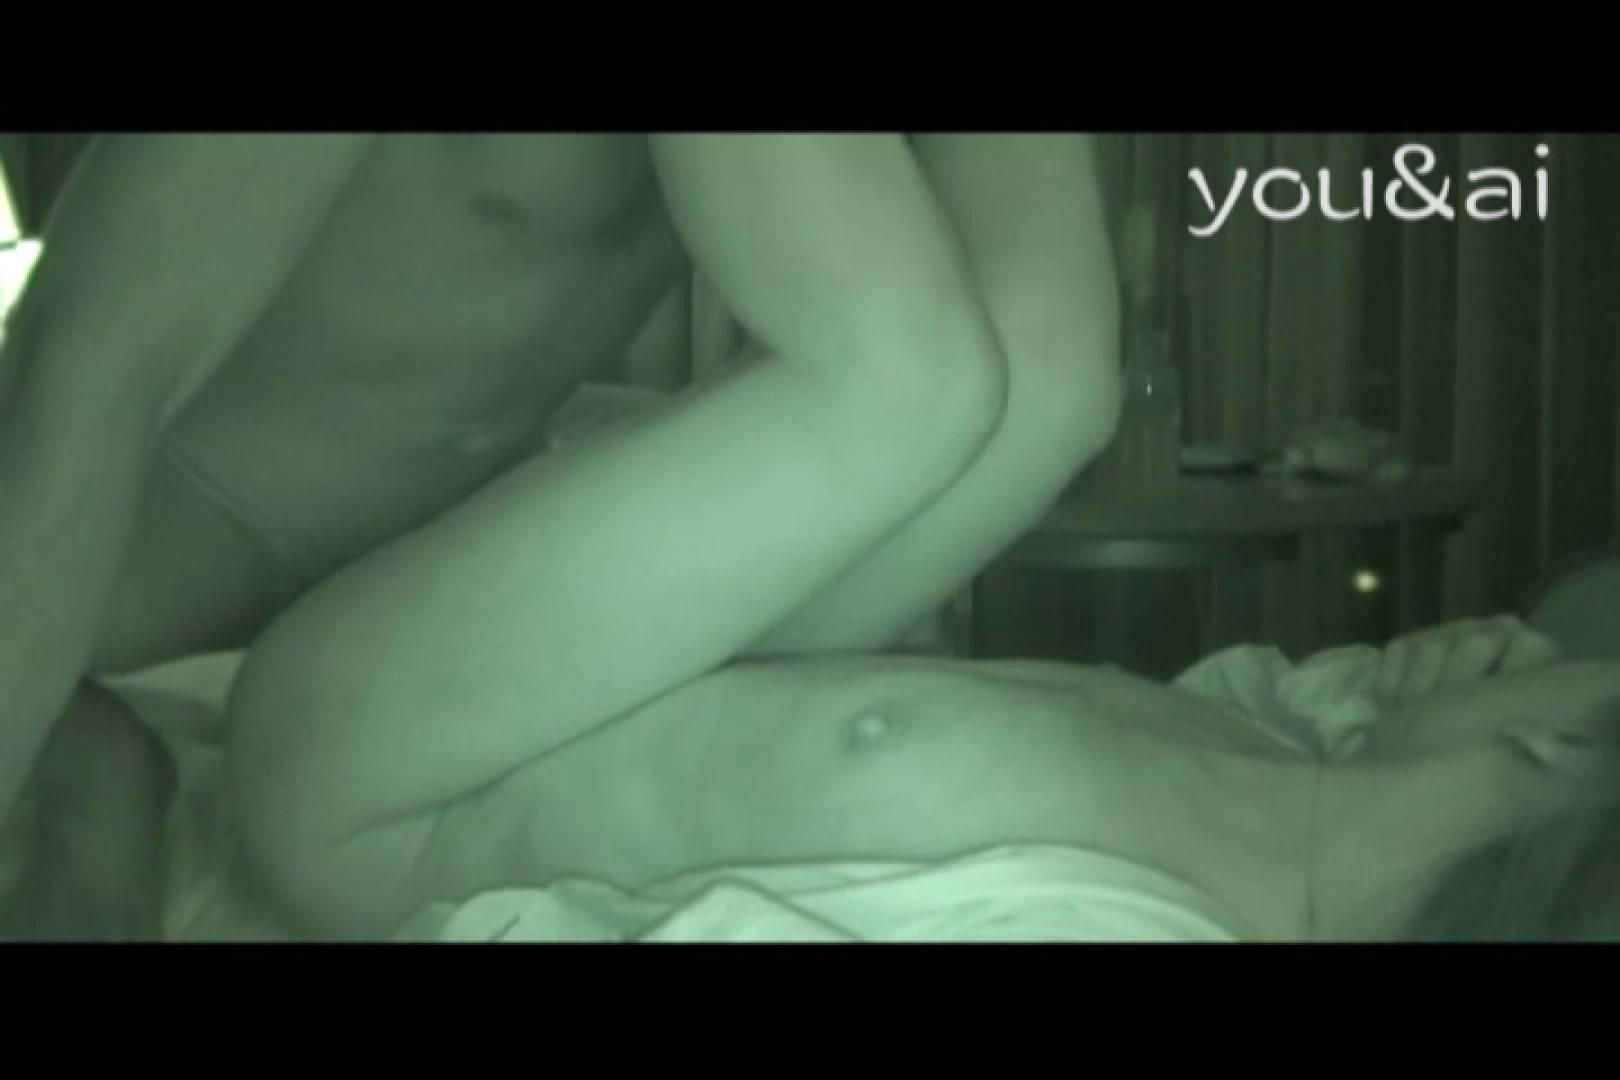 おしどり夫婦のyou&aiさん投稿作品vol.12 一般投稿 おめこ無修正動画無料 92pic 14